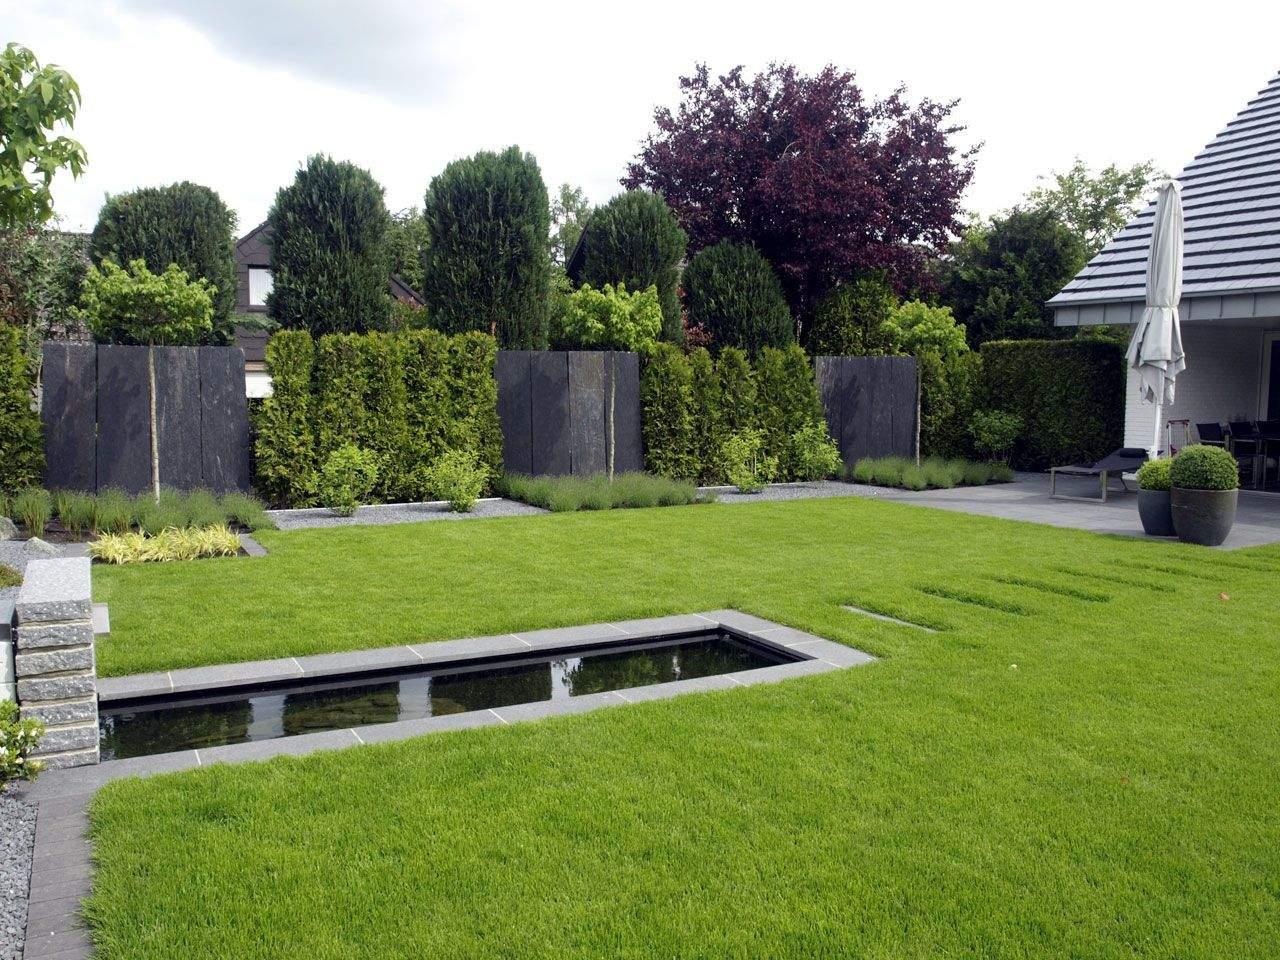 garten terrasse ideen neu pin von vanessa raguet delannoy auf jardin of garten terrasse ideen